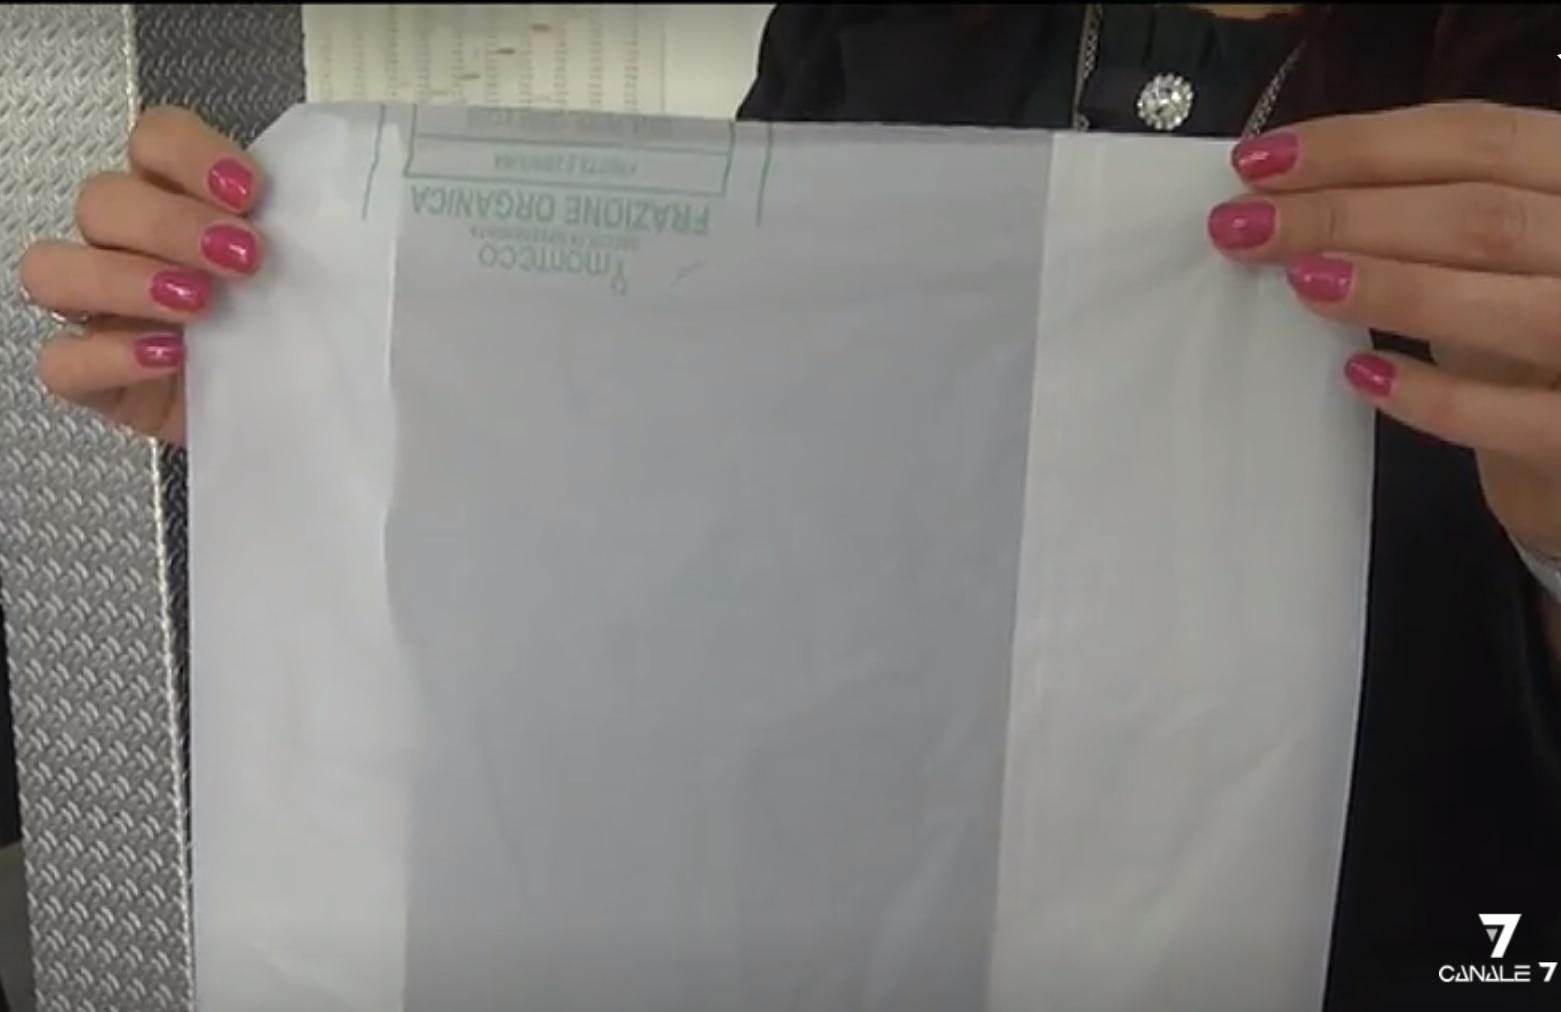 Locorotondo: nuova campagna informativa sul corretto utilizzo delle buste per la frazione organica